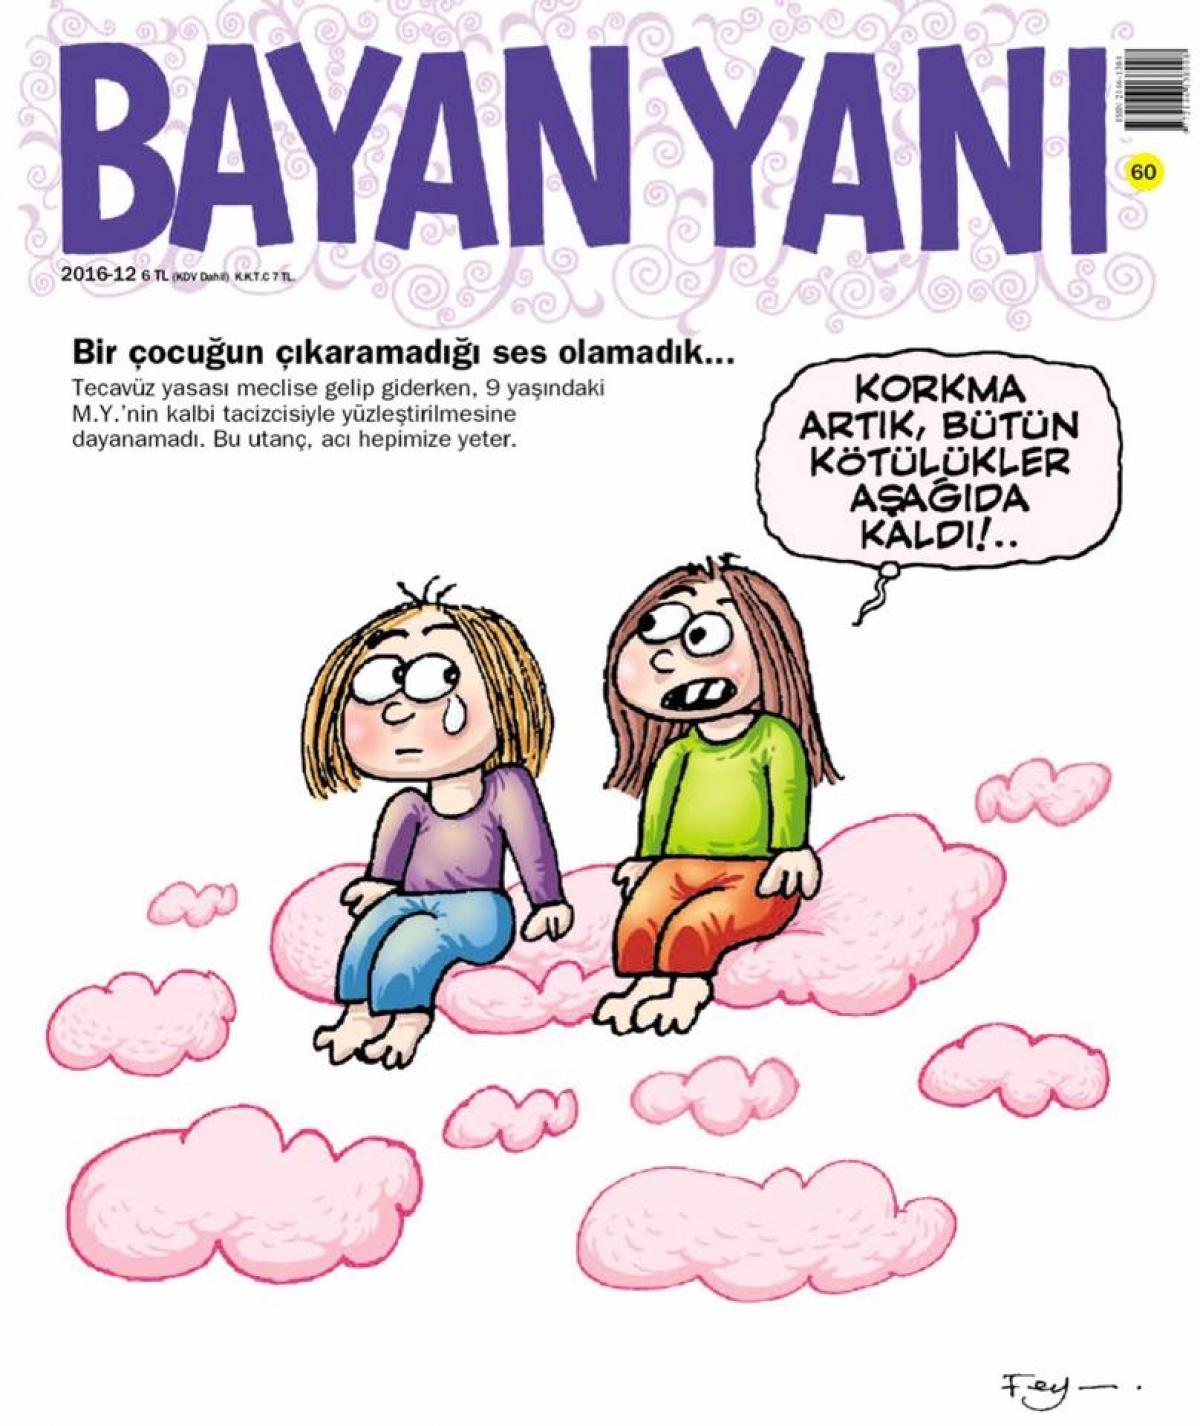 Bayan Yanı Dergisi